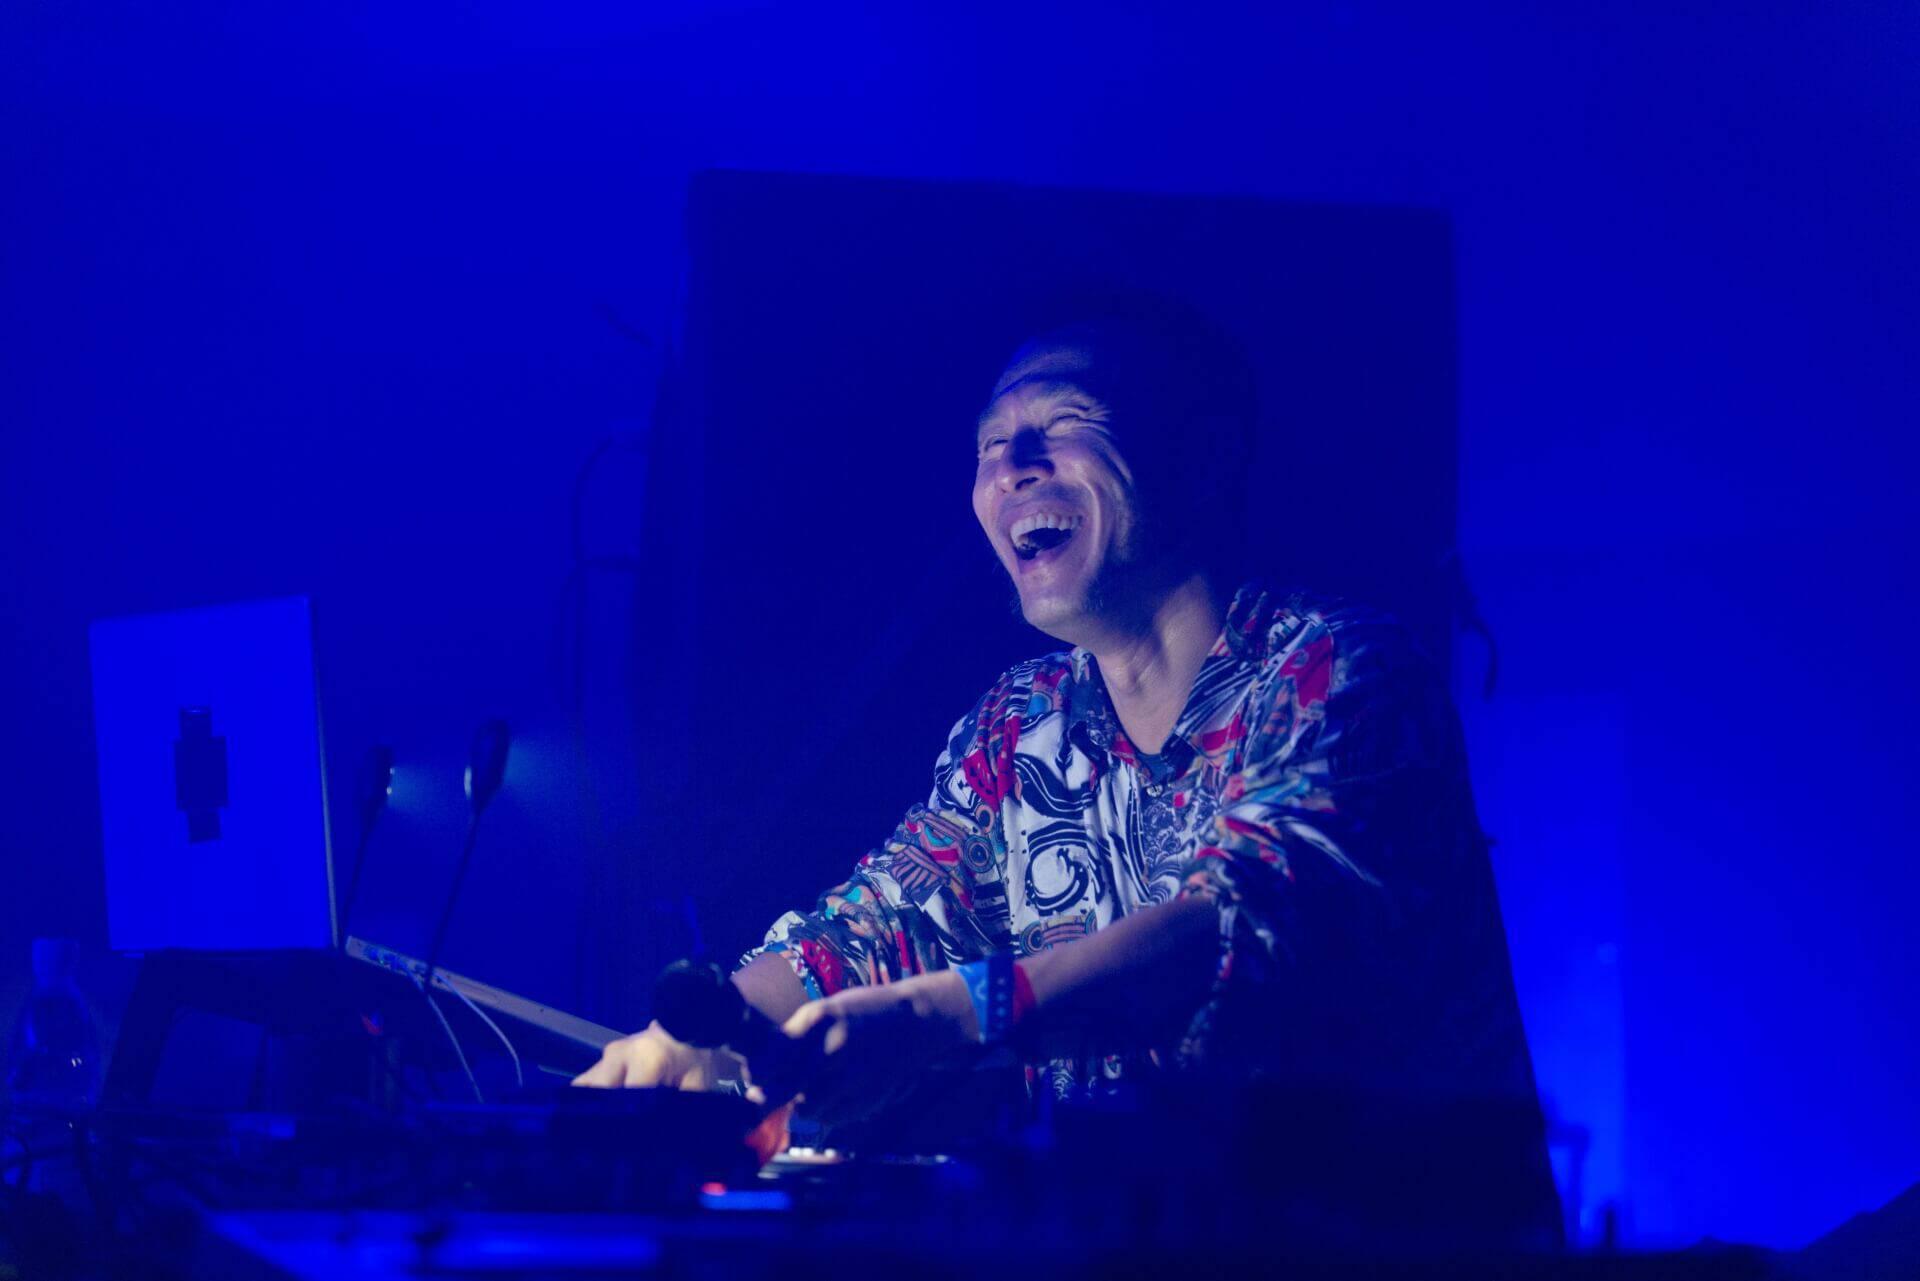 Soichi Terada at Unsound 2016